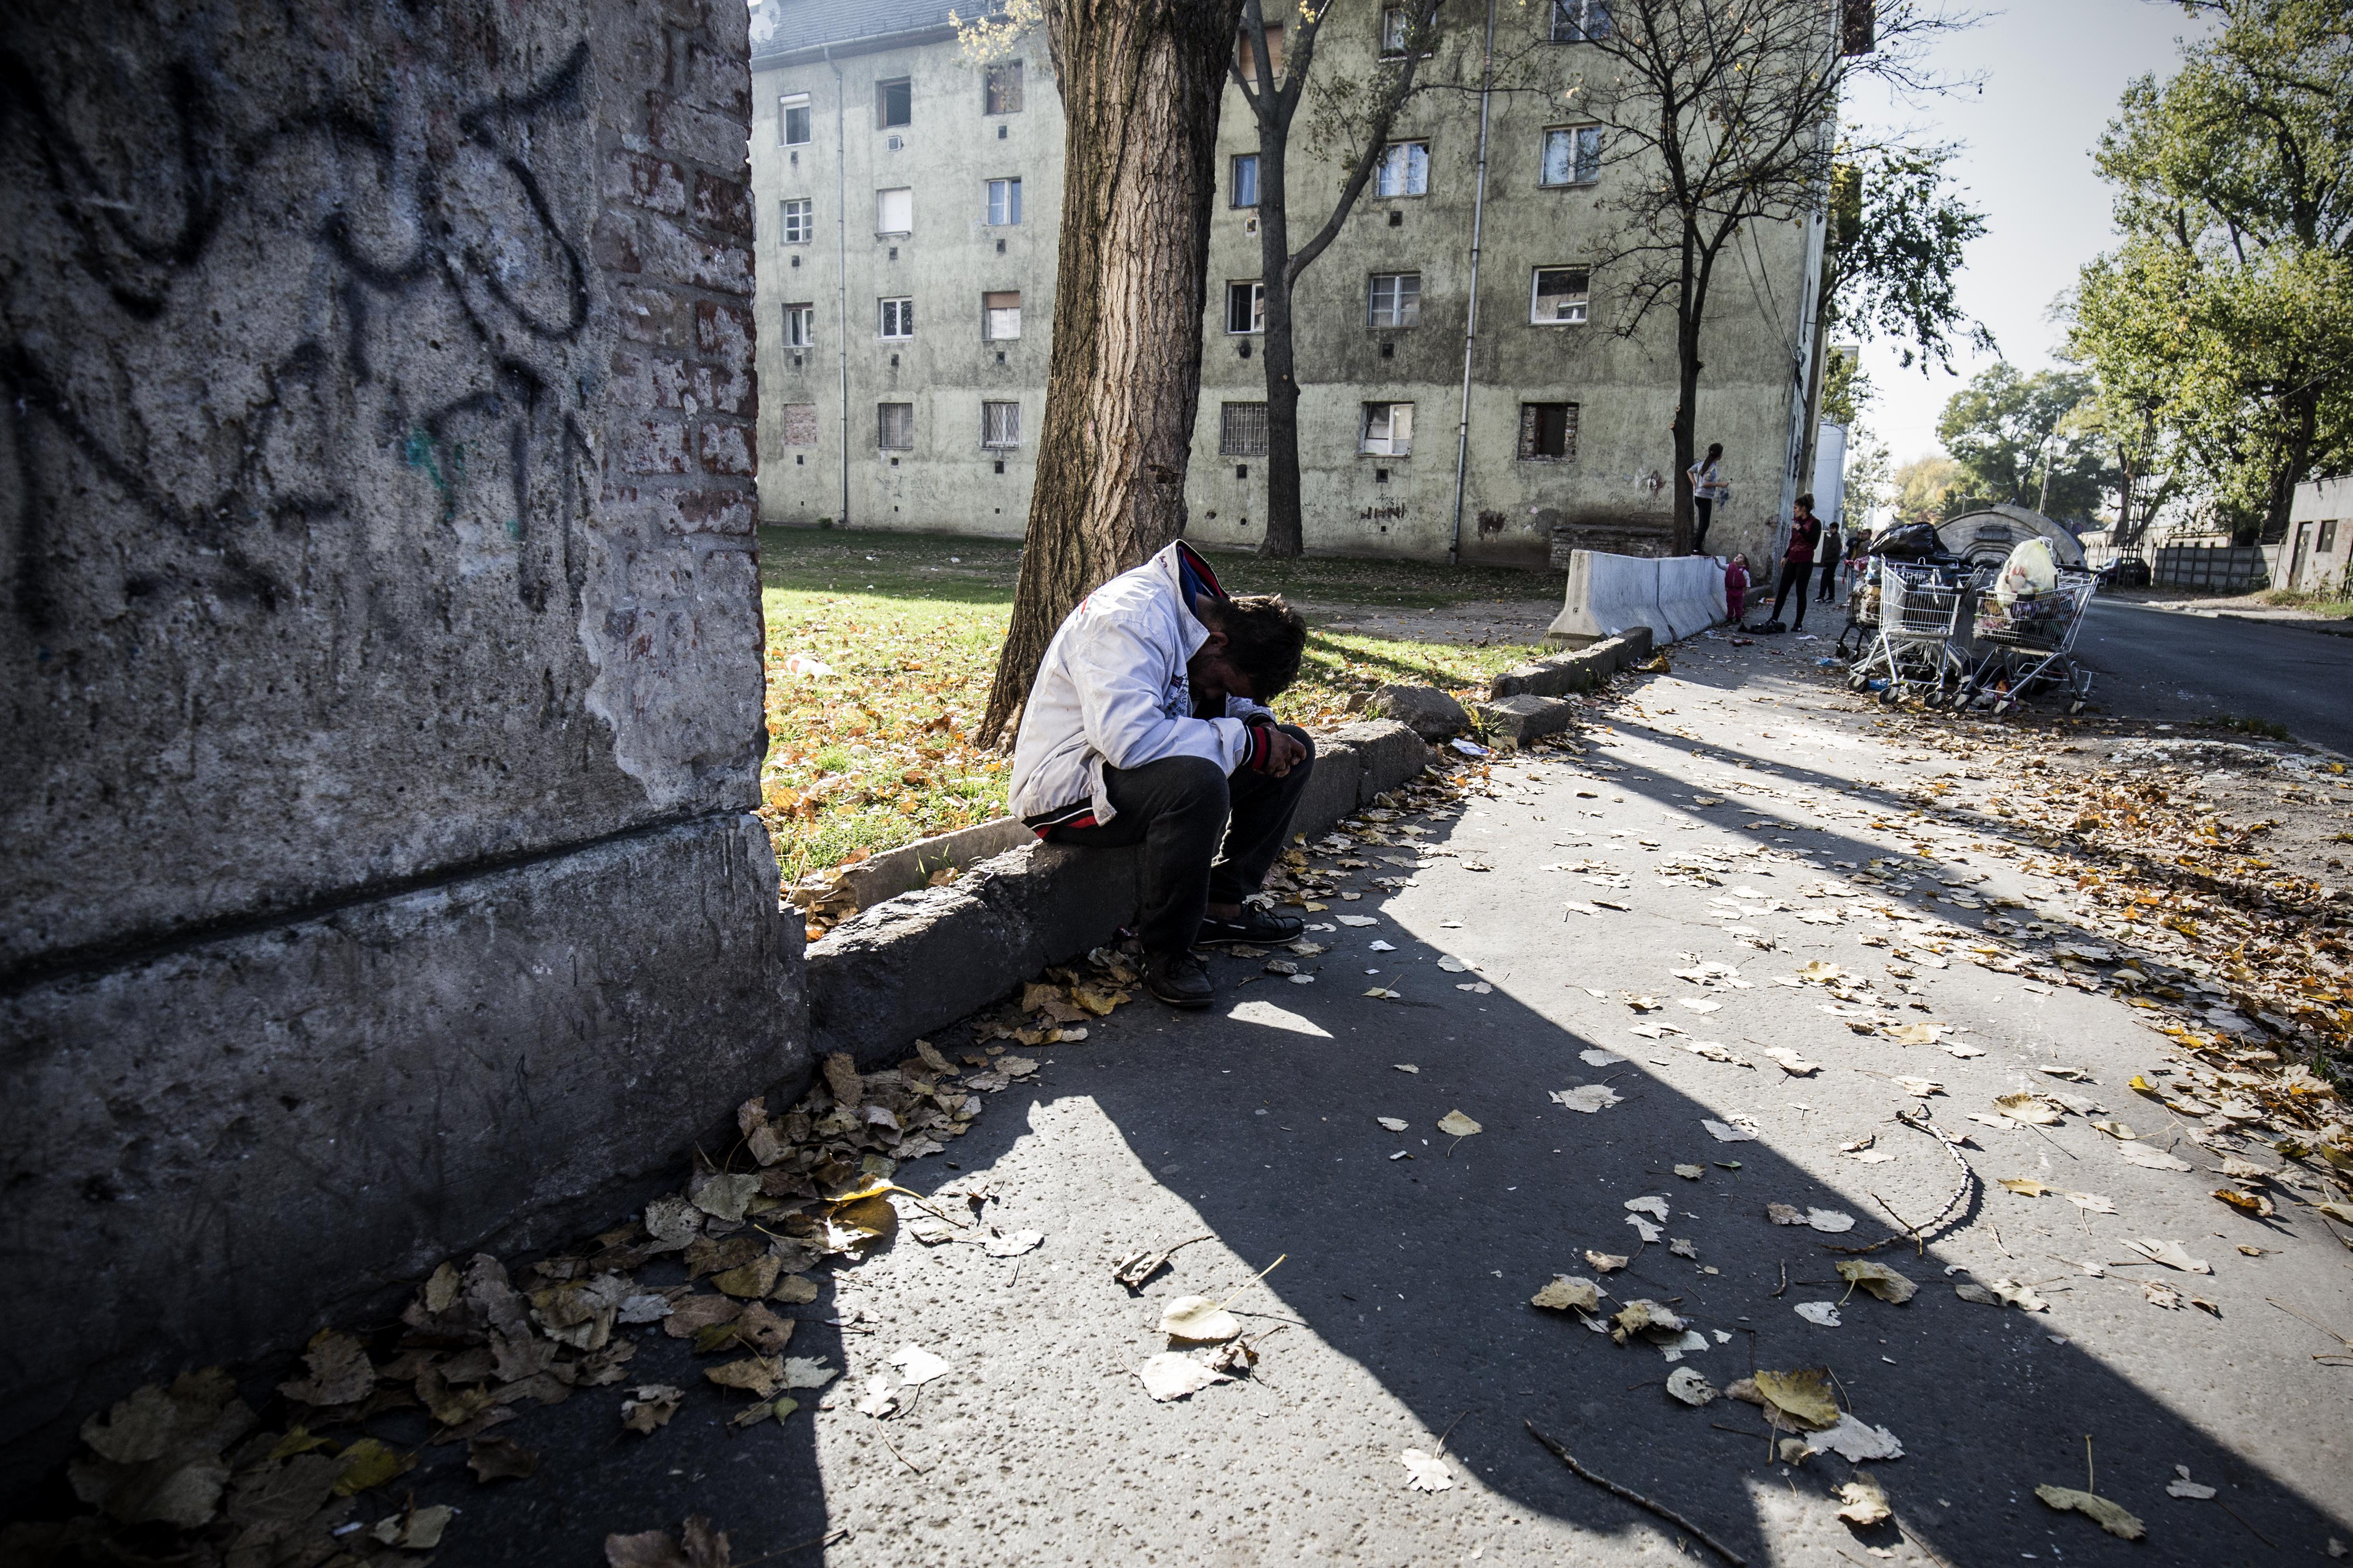 Csak nehogy pénzt kapjanak a Hős utcai gettó lakói, mert akkor hajléktalanok lesznek